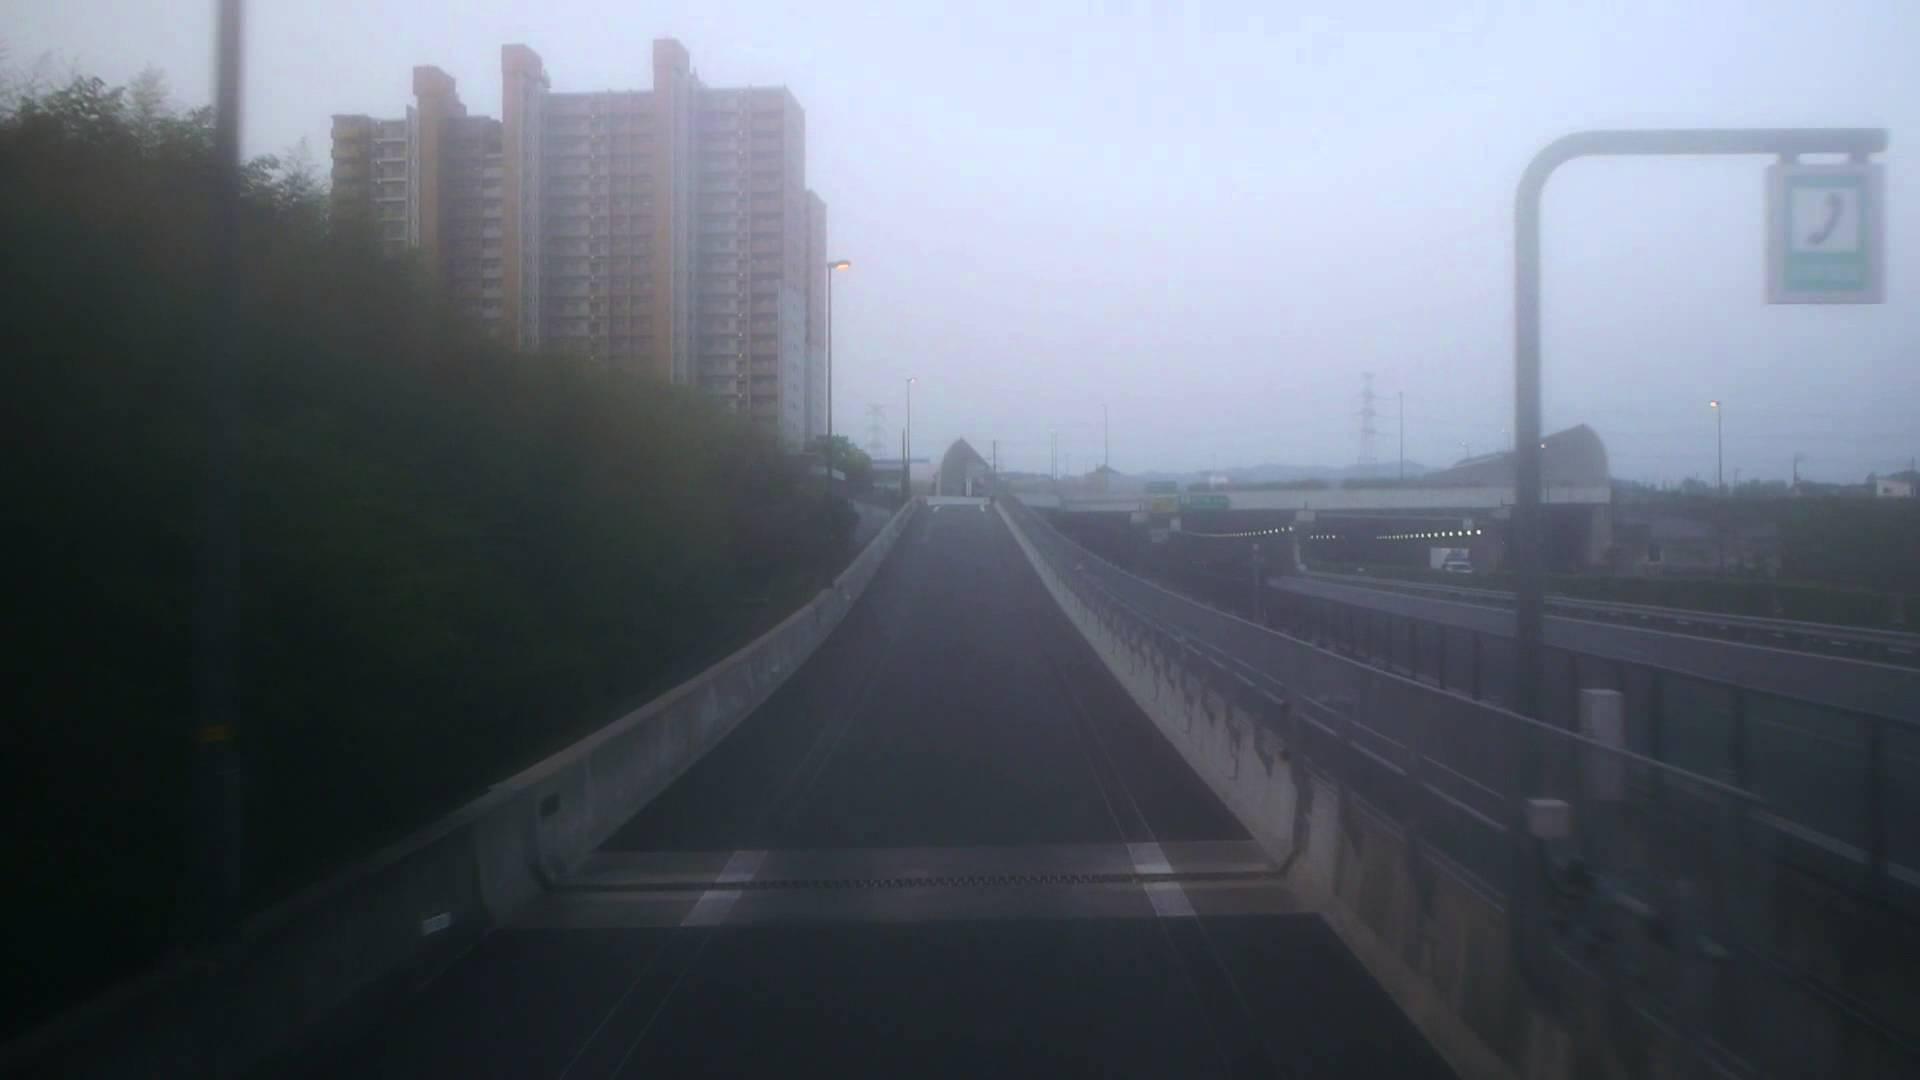 南海バス サザンクロス(ドリームなんば・堺1号 ) 前面展望 甲南パーキングエリア~高速京田辺~湊町バスターミナル(OCAT)